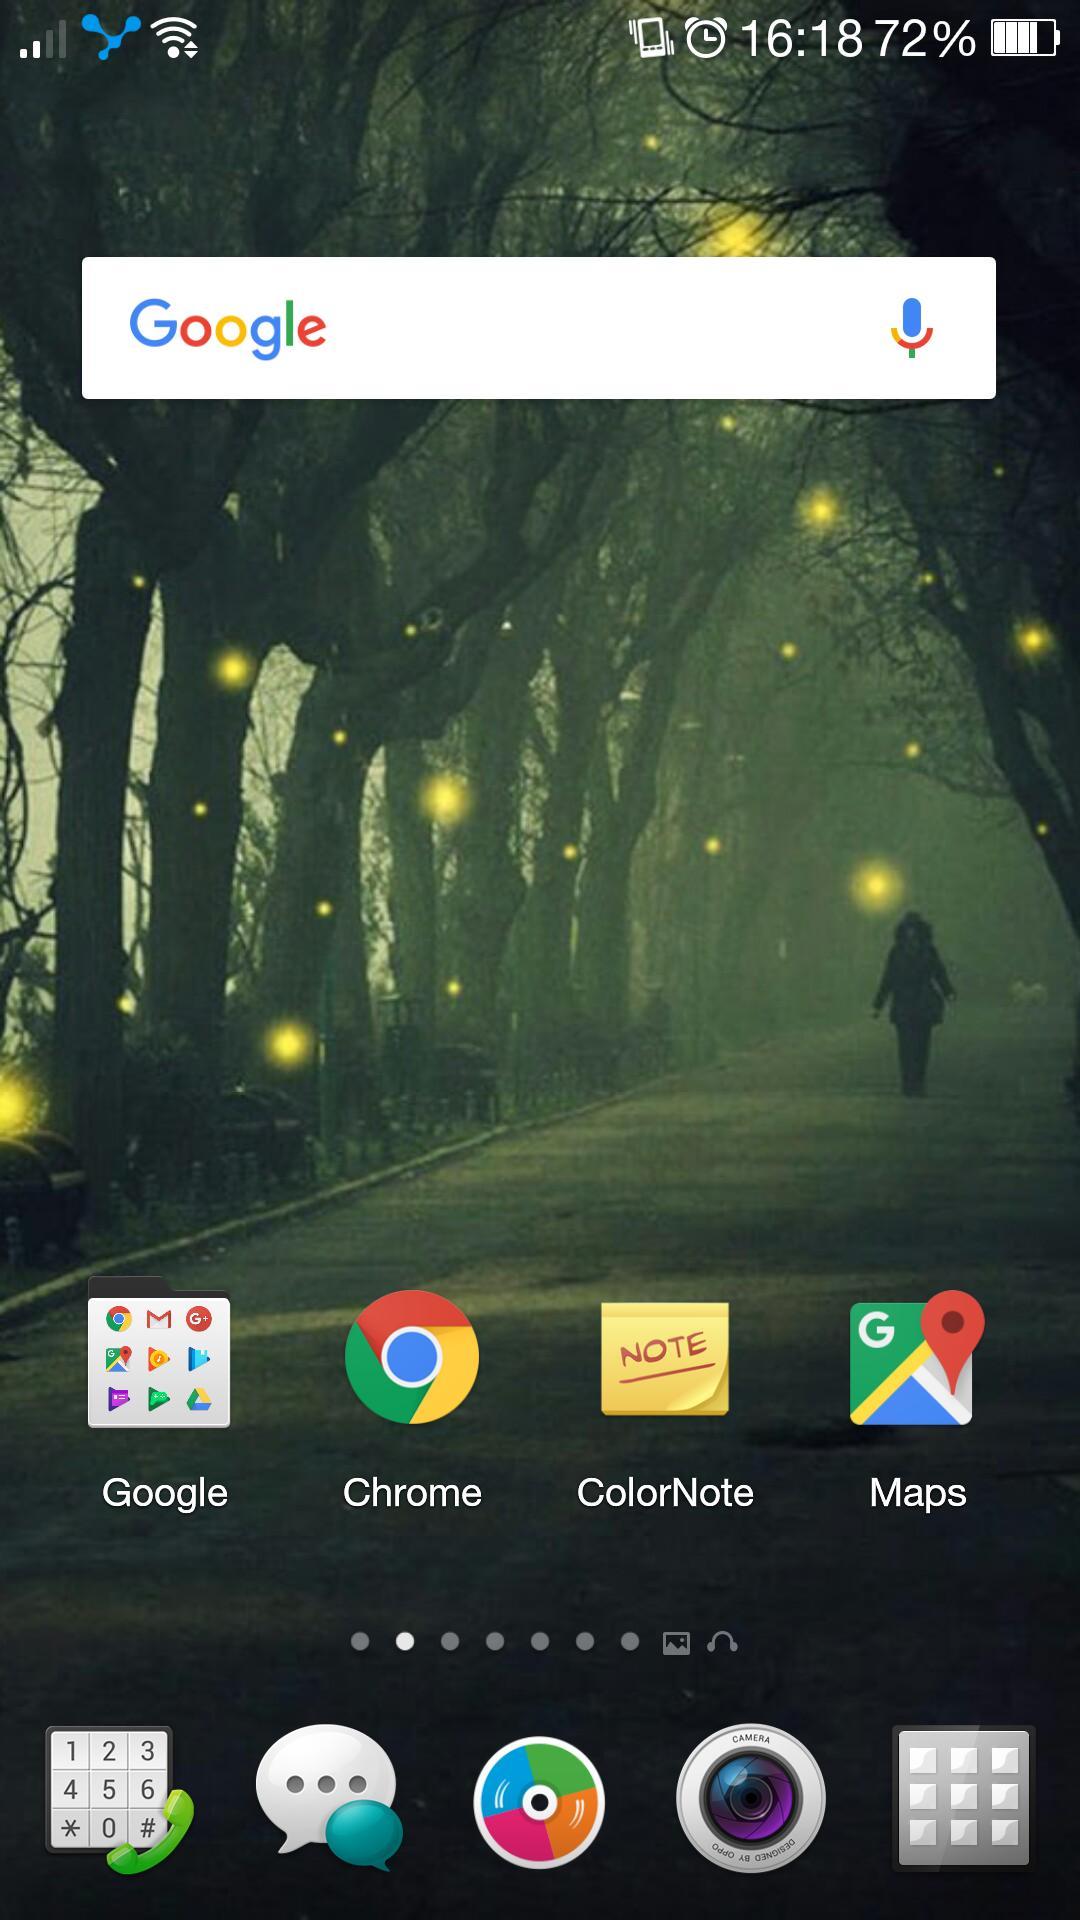 Android 用の ホタルスクリーン壁紙qhdロック画面 Apk をダウンロード